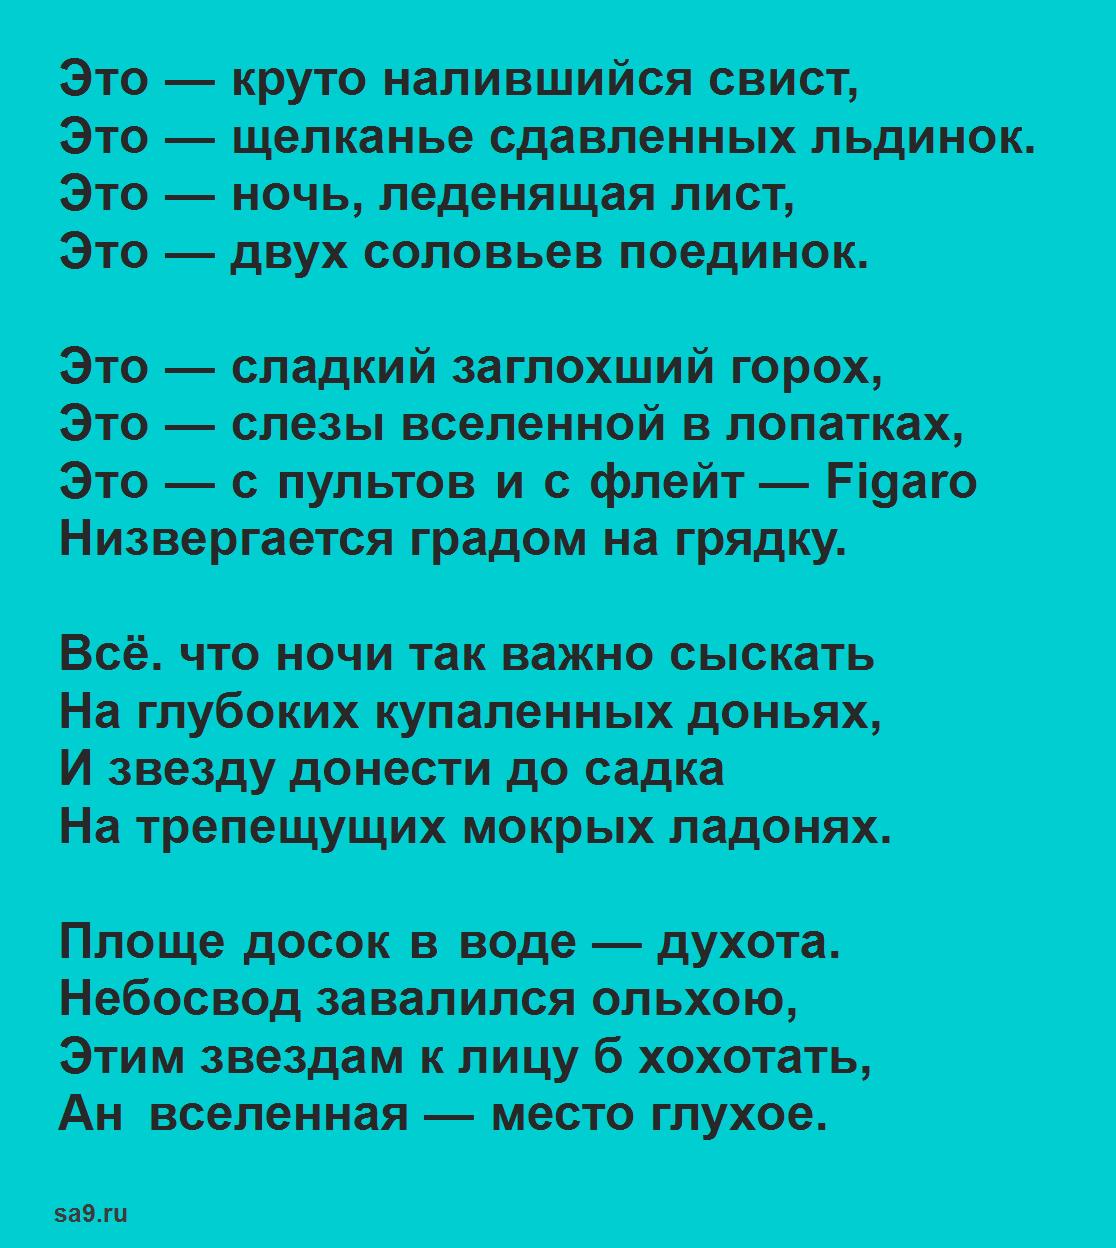 Пастернак легкие стихи - Определение поэзии